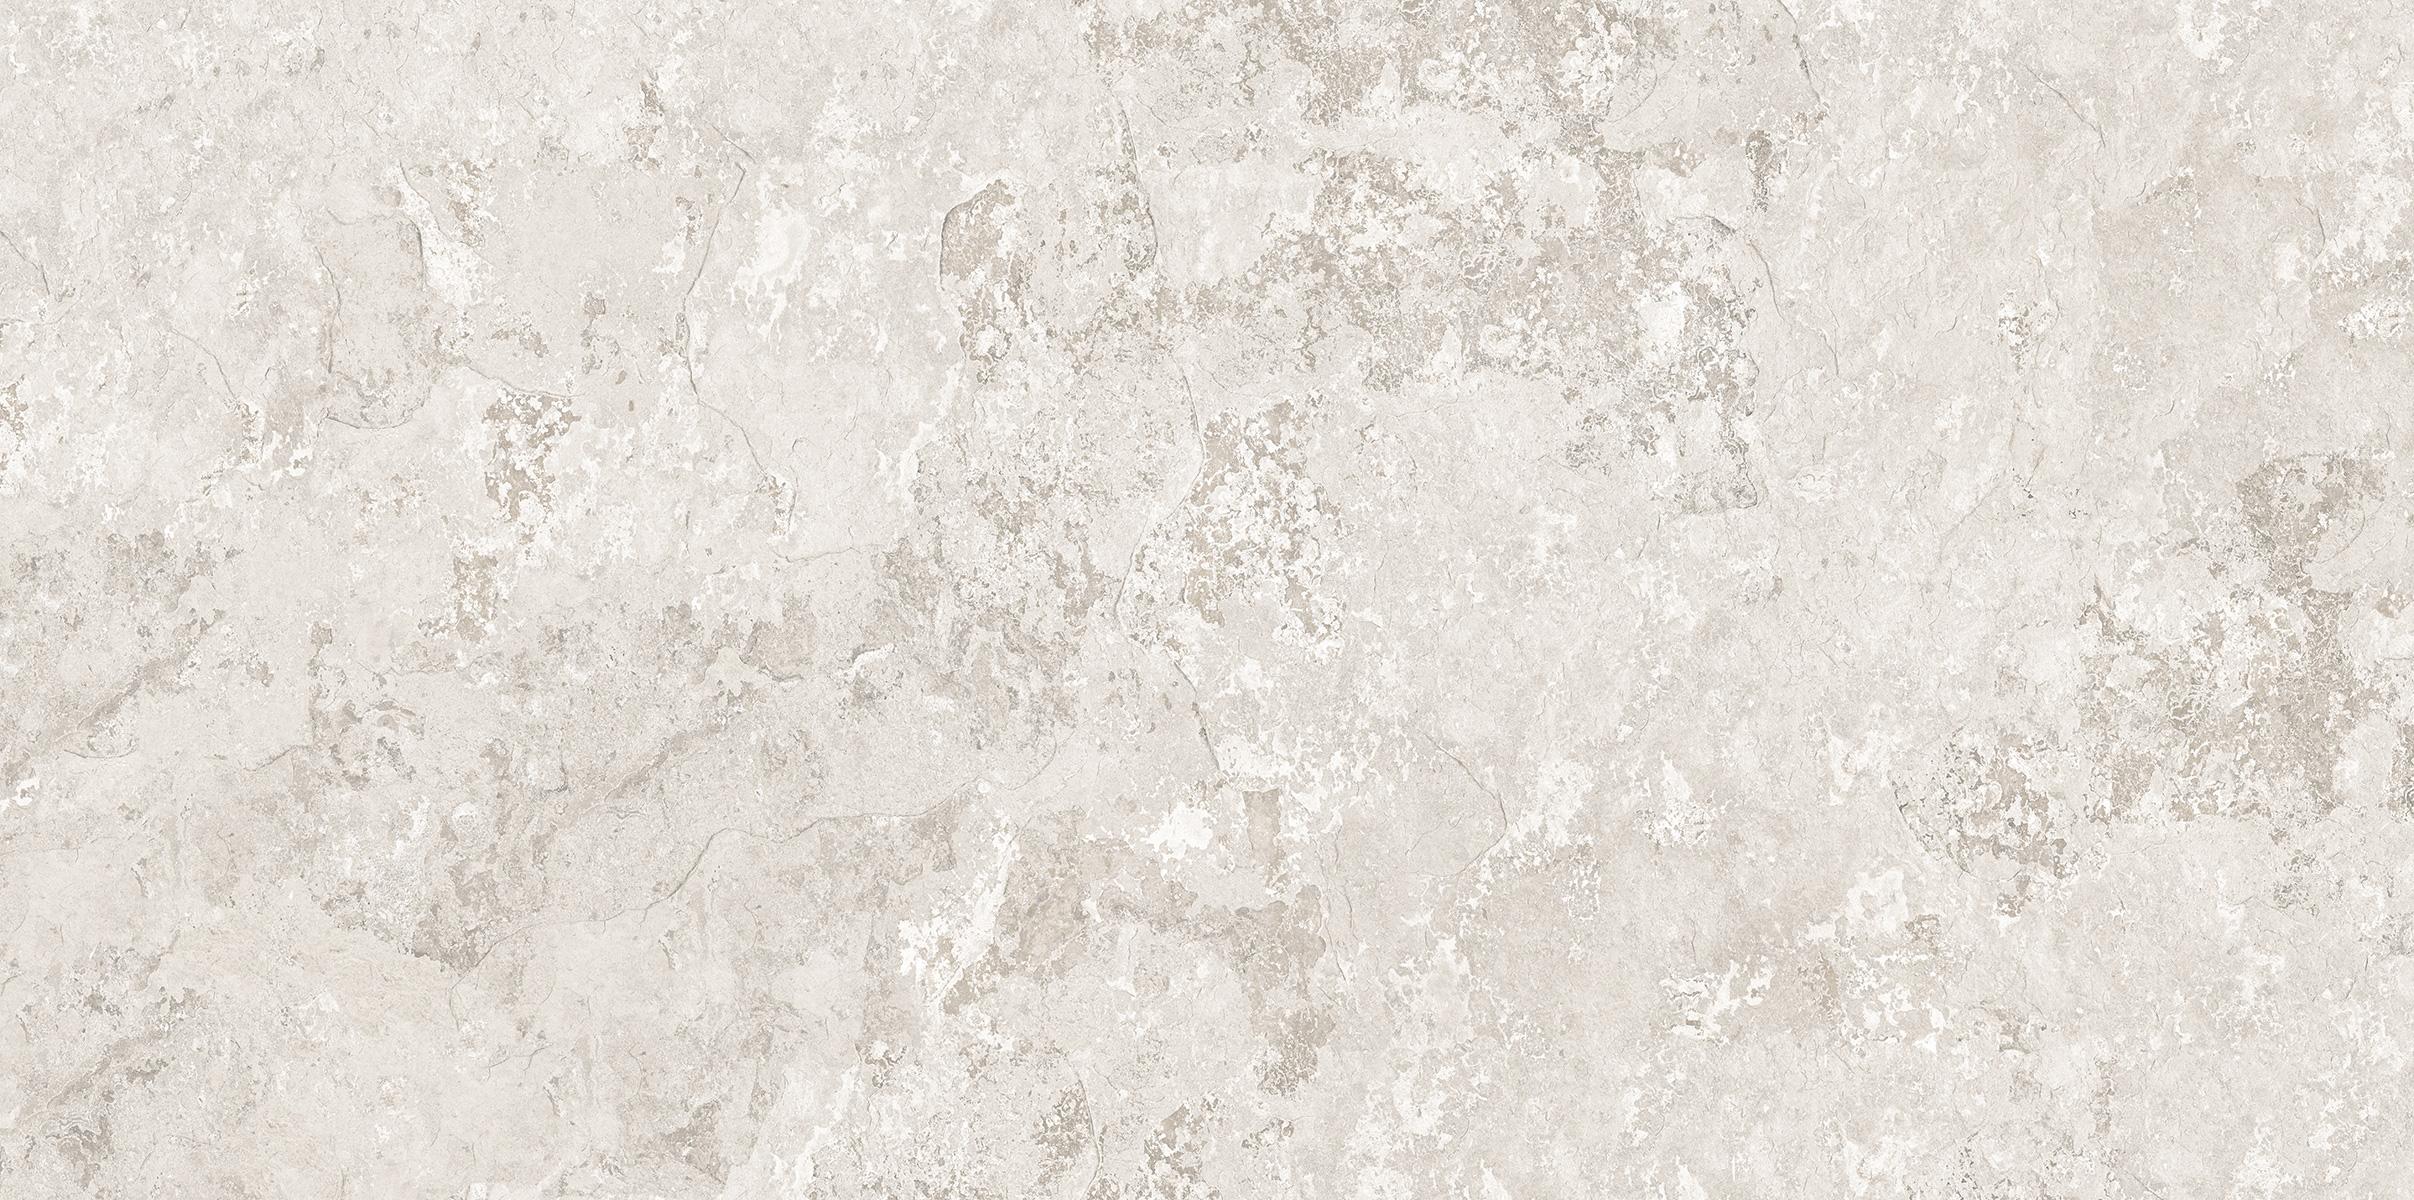 0052701, Blackboard, Valkoinen, lattia,pakkasenkesto